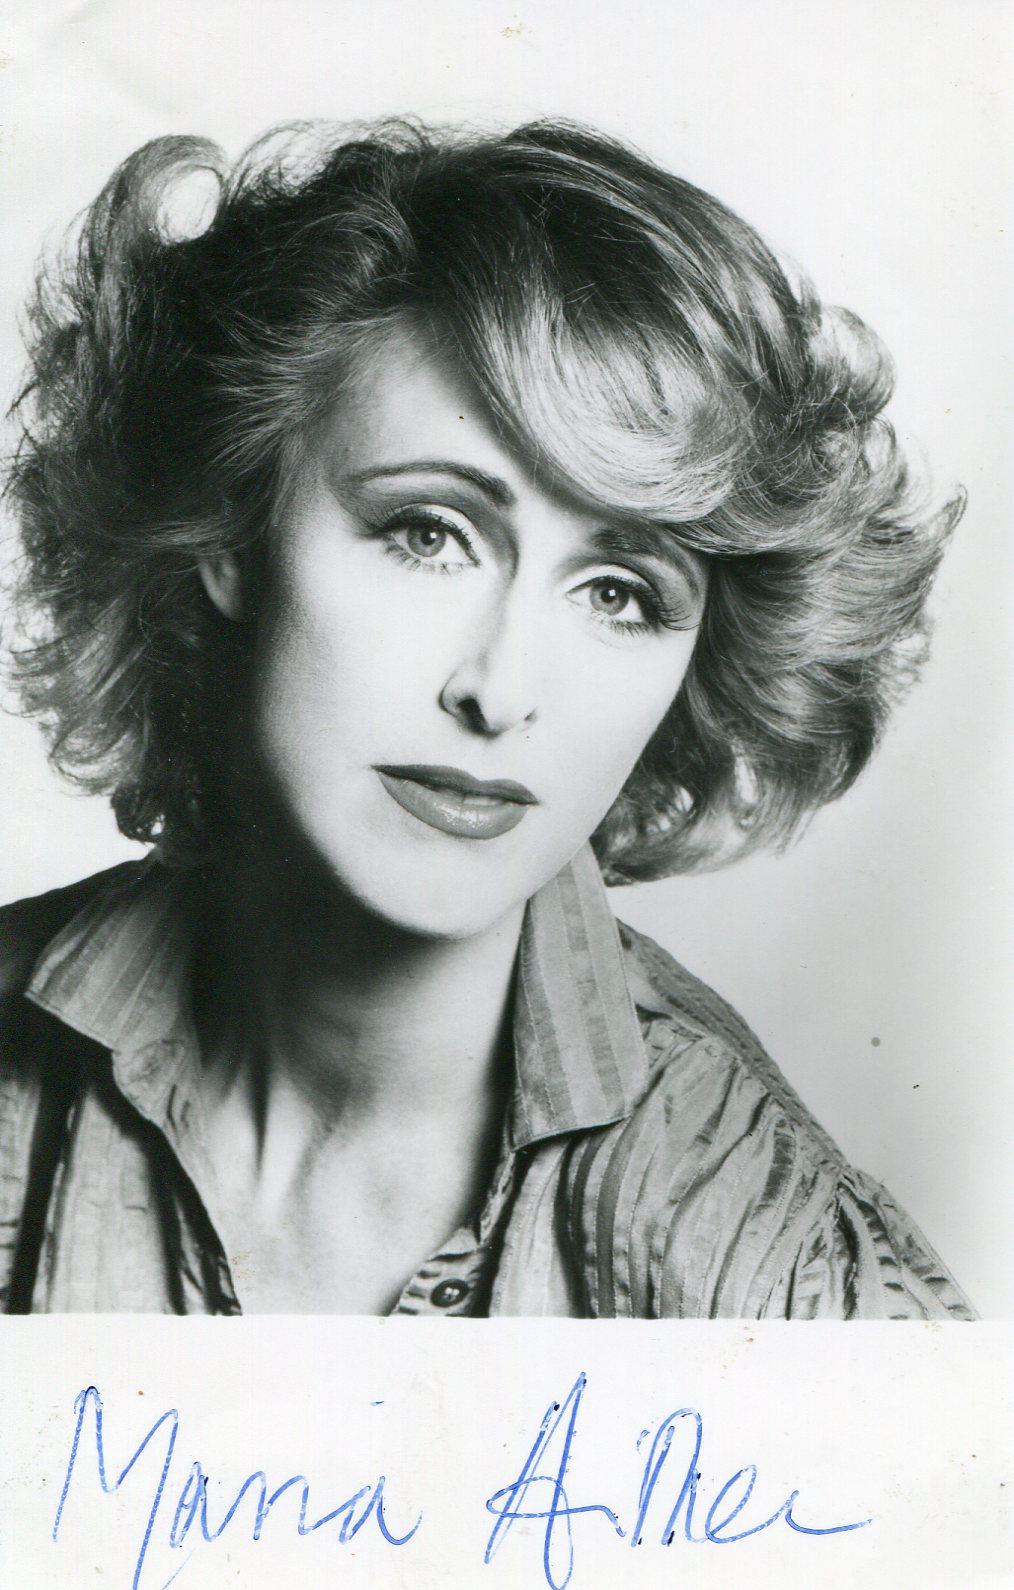 Maria Aitken (born 1945)